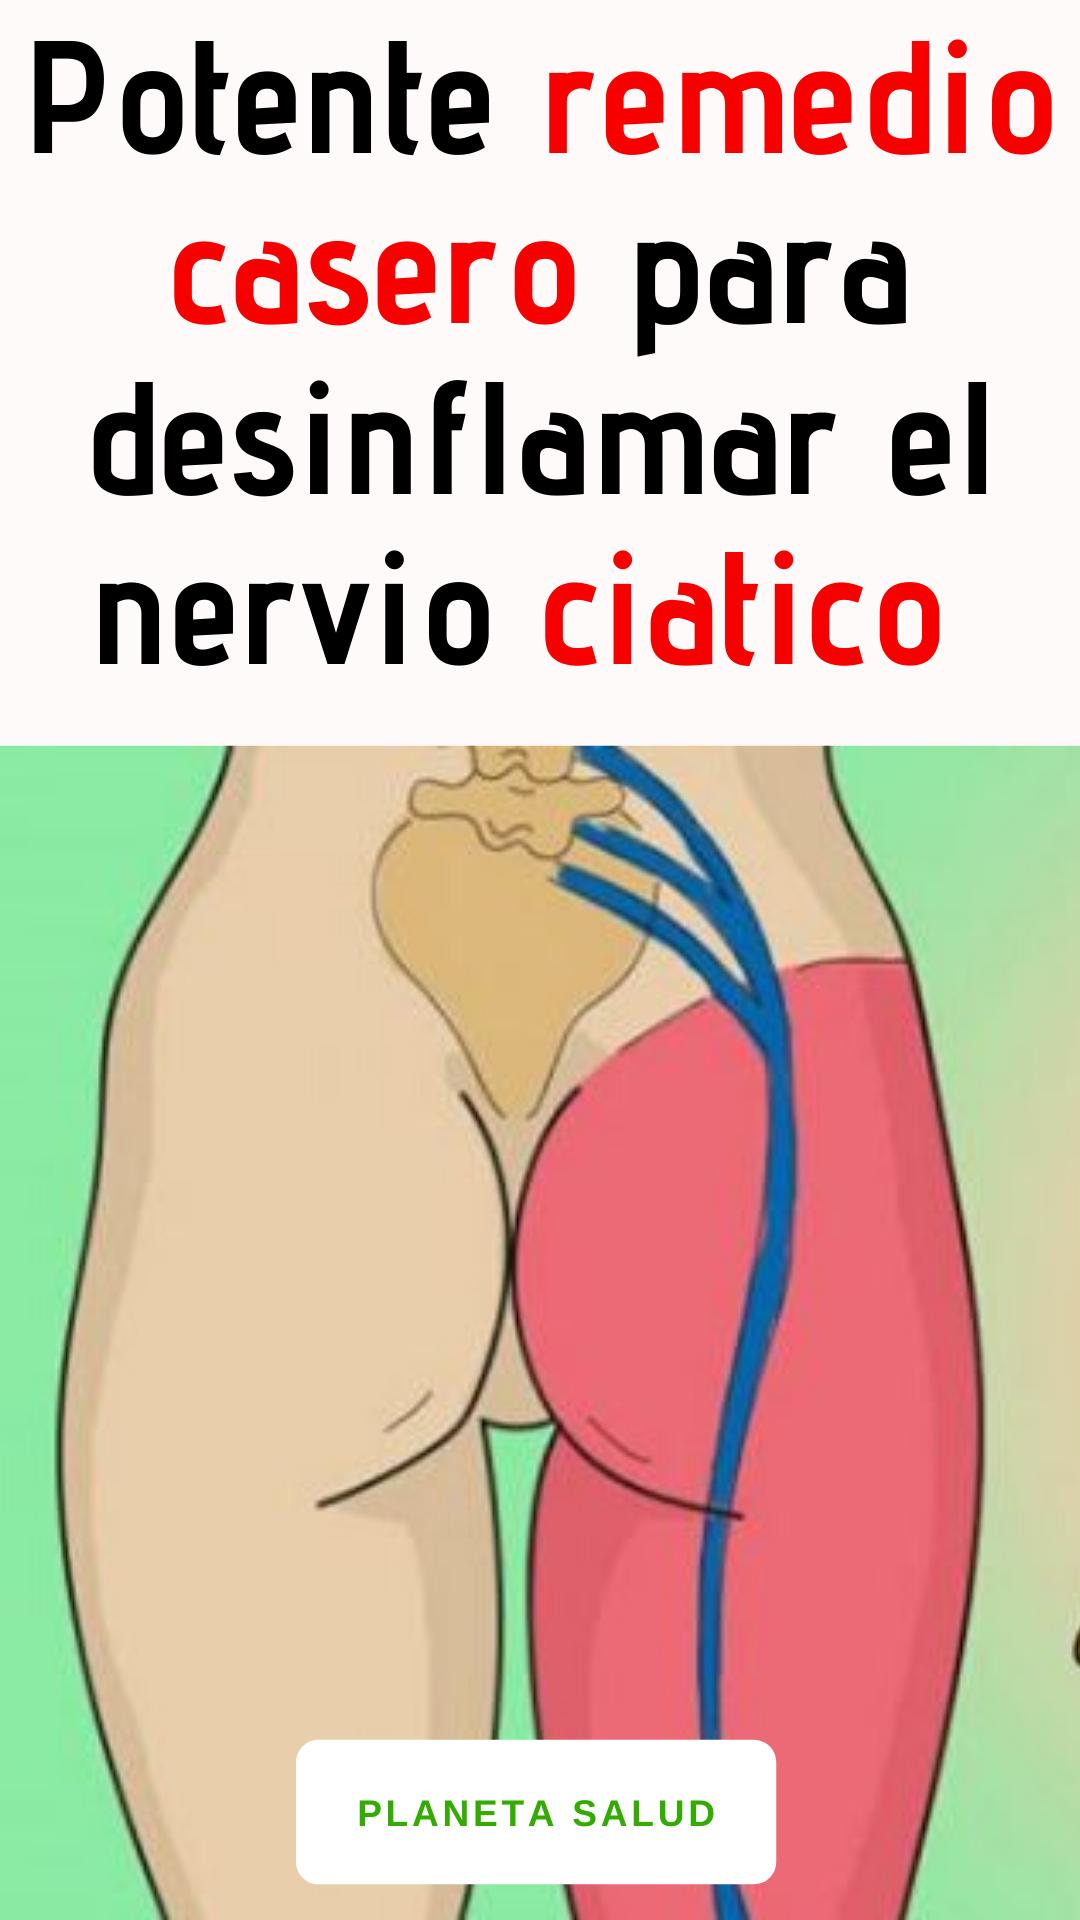 Potente Remedio Casero Para Desinflamar El Nervio Ciatico Health Fitness Health Health Trends